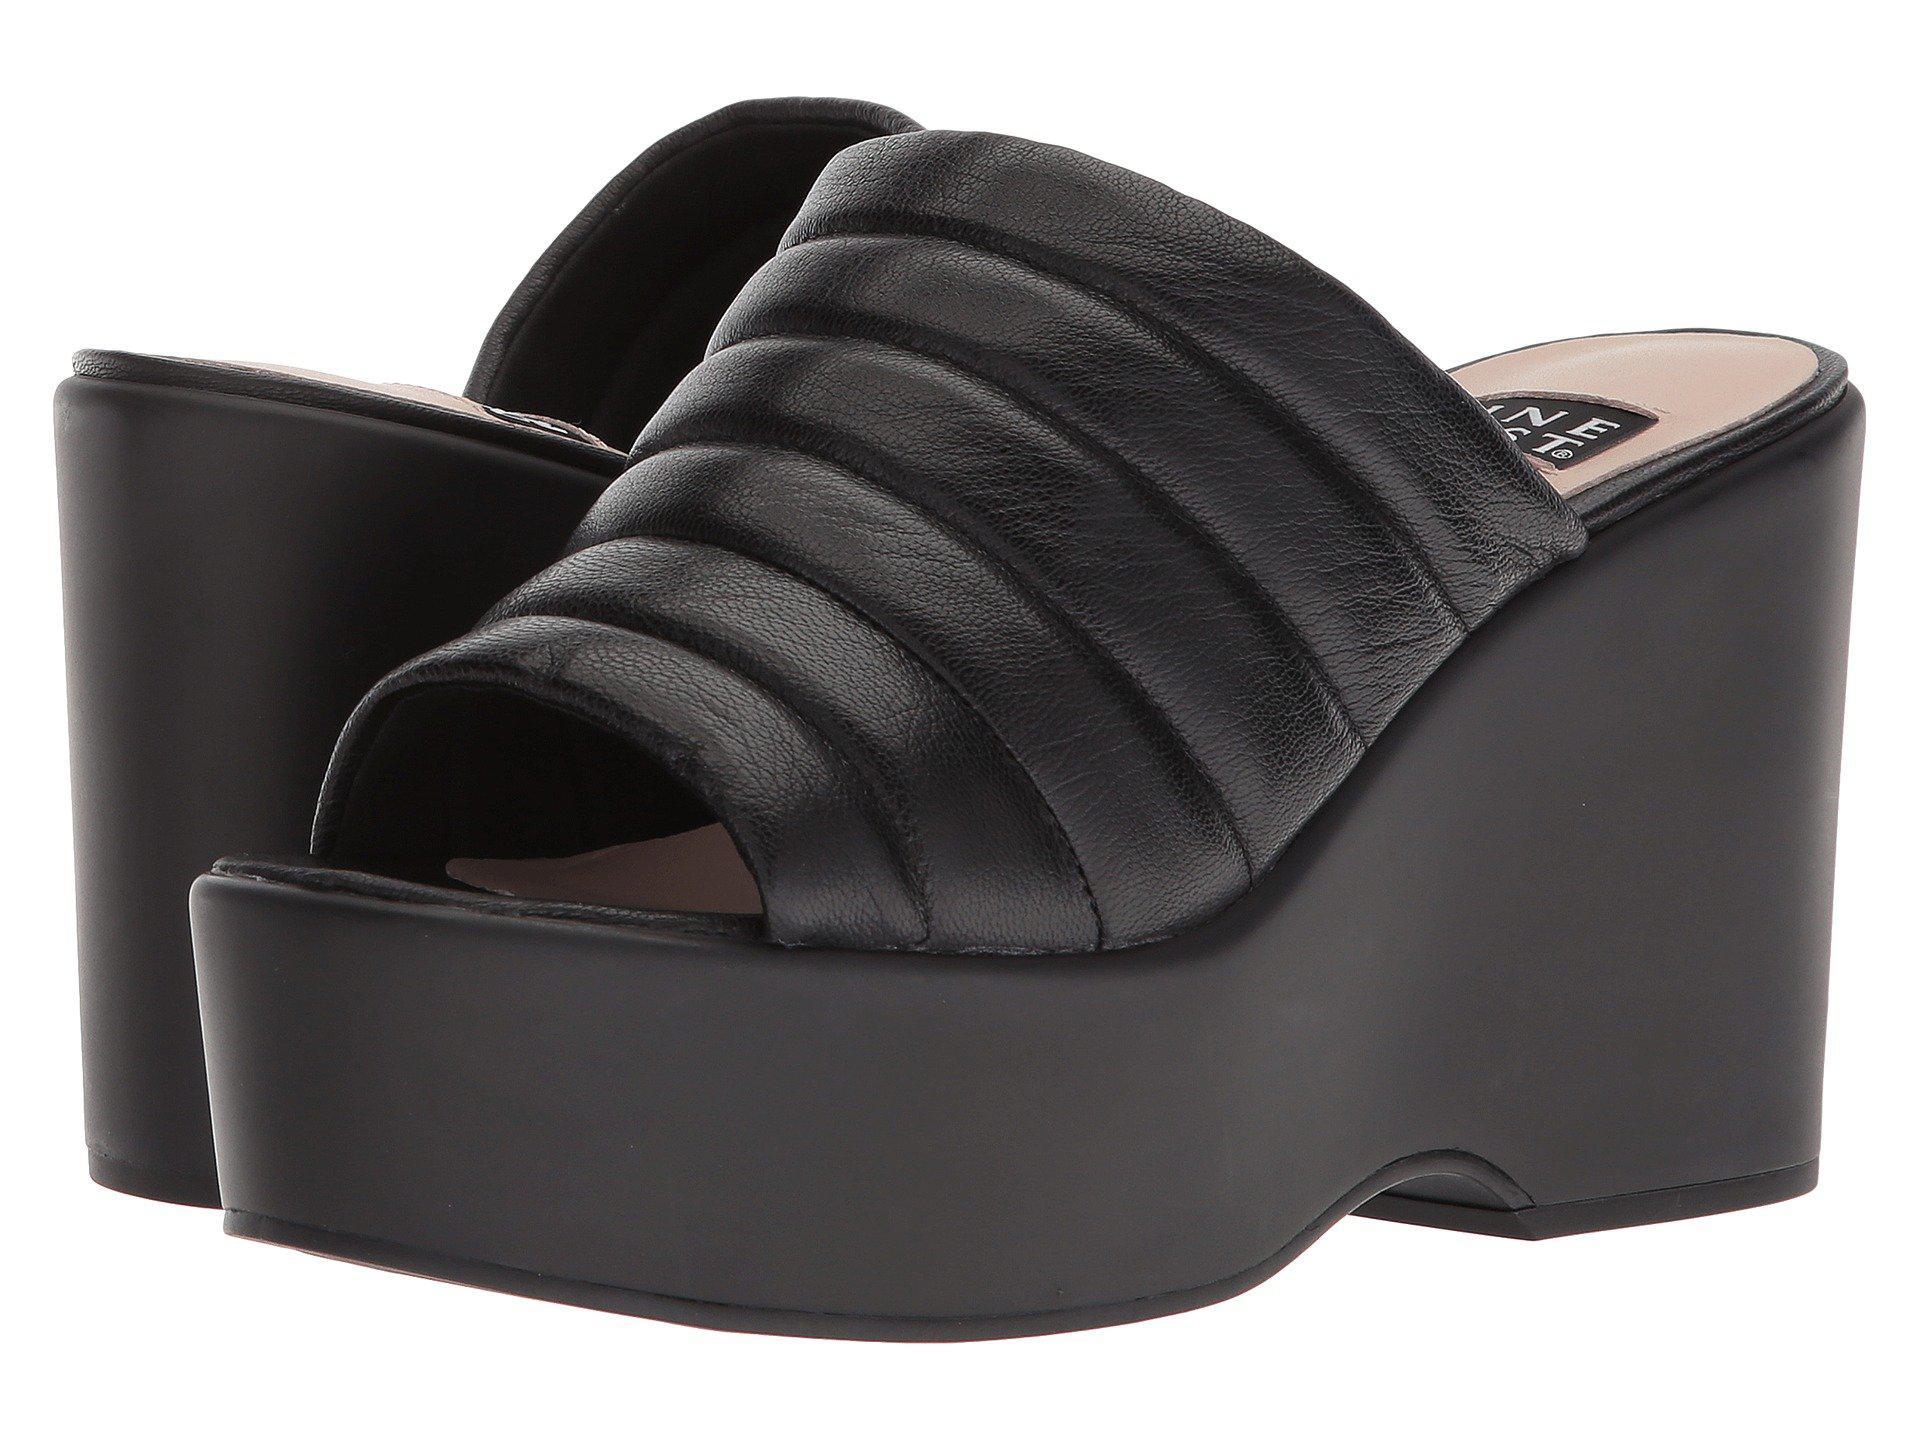 Nine West Millie 40th Anniversary Platform Slide Sandal Upbp6